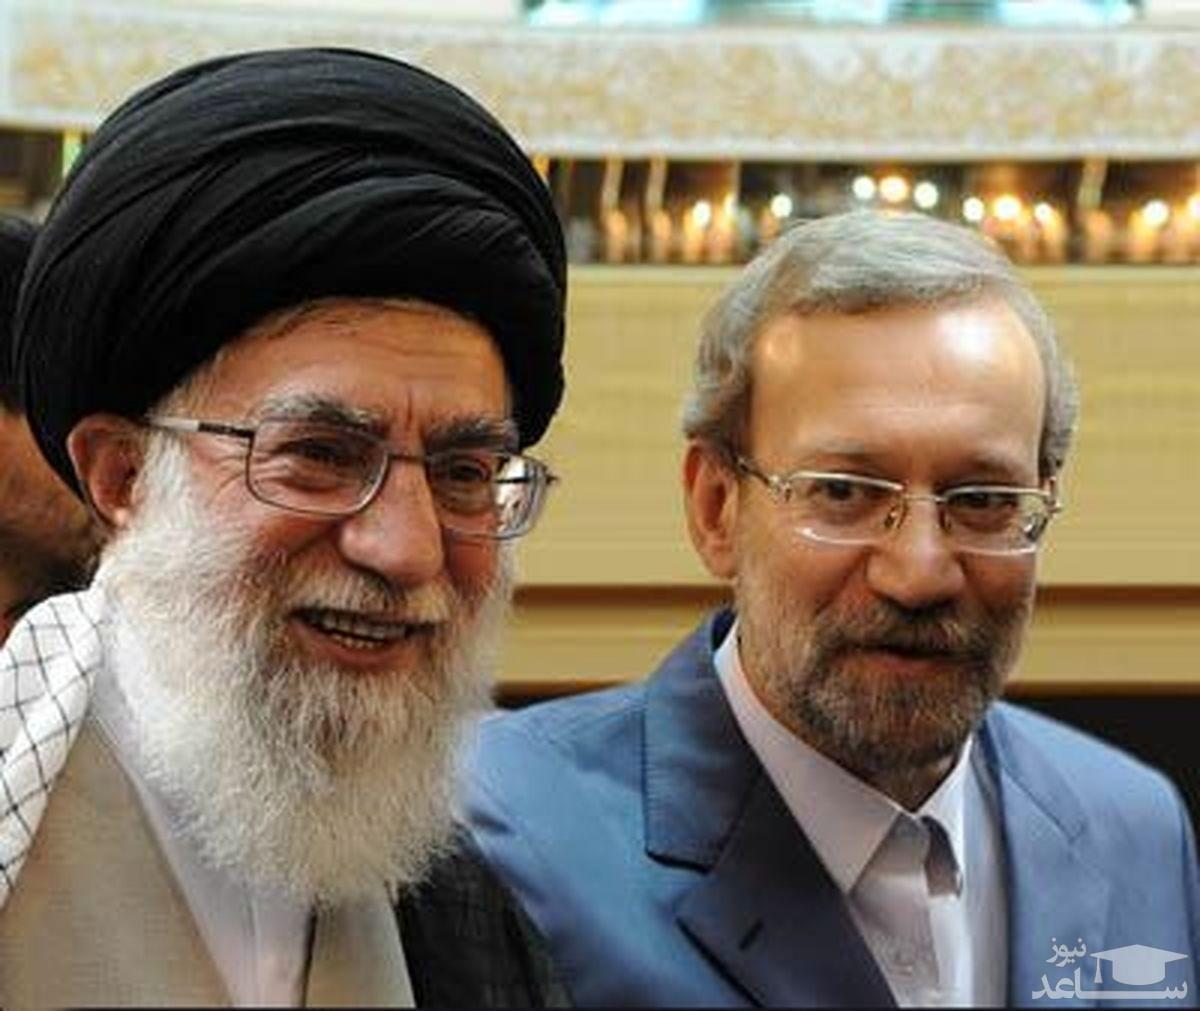 واکنش خاص علی لاریجانی به انتقاد رهبر انقلاب از شورای نگهبان